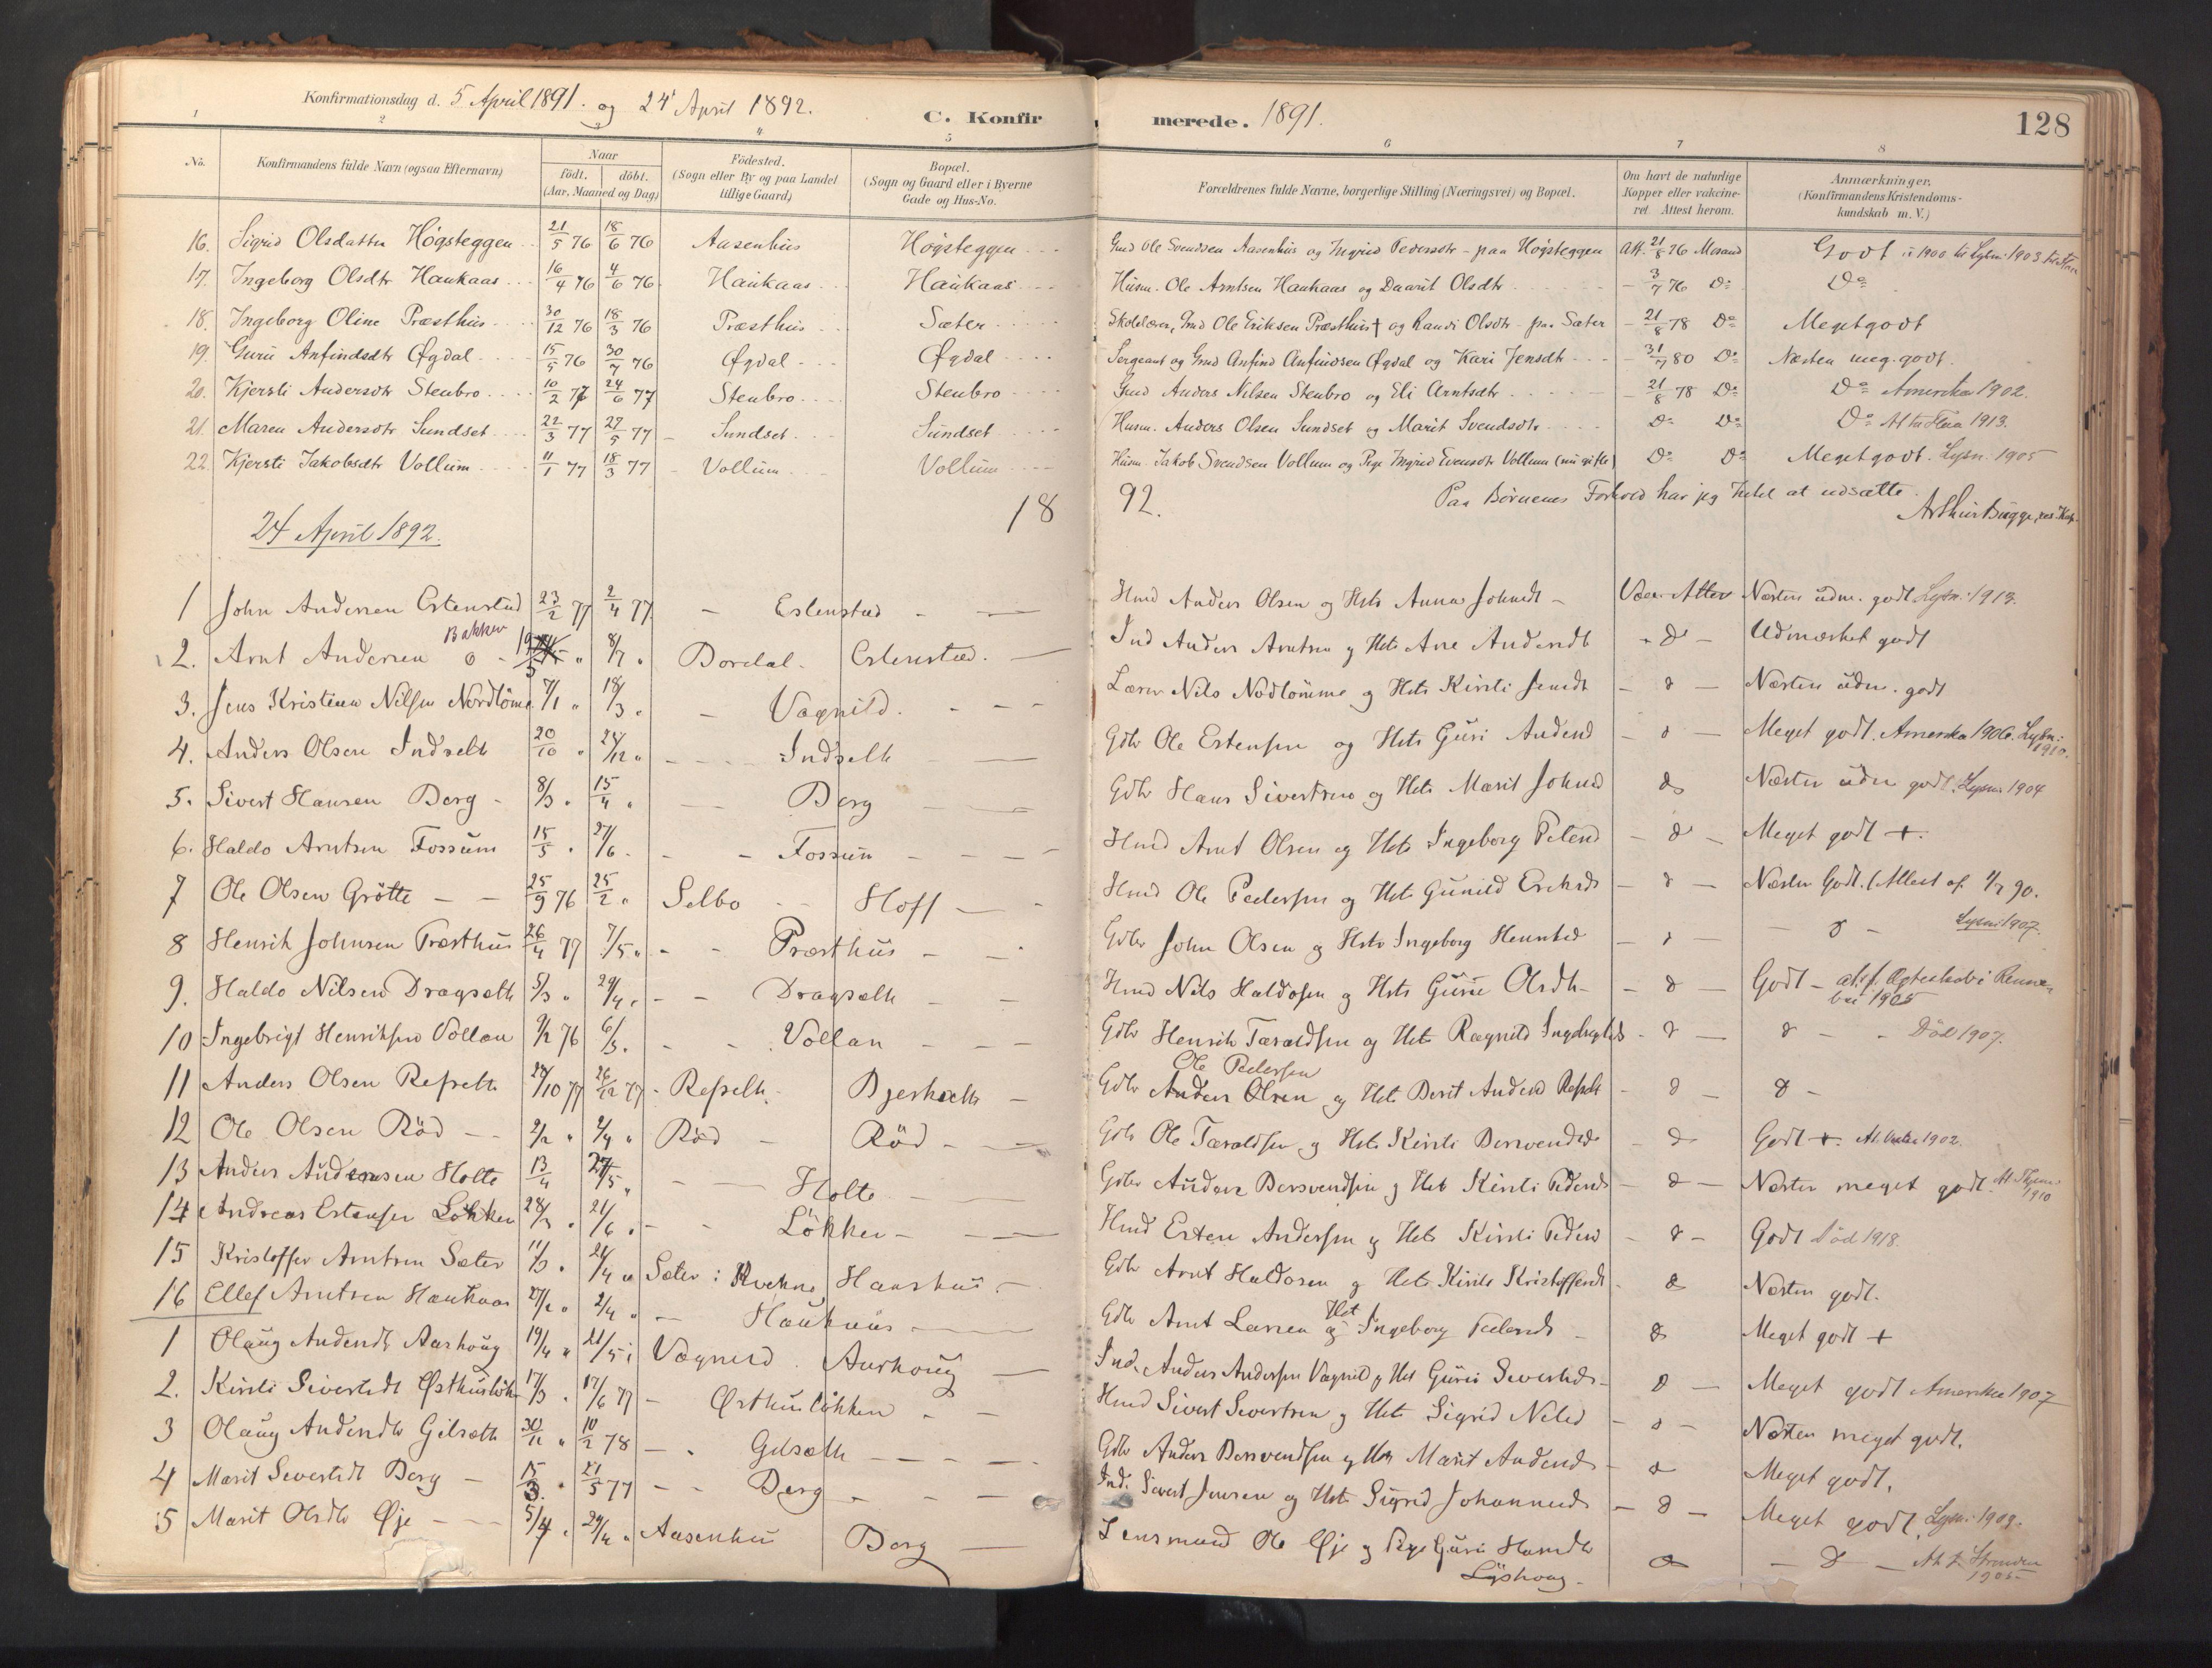 SAT, Ministerialprotokoller, klokkerbøker og fødselsregistre - Sør-Trøndelag, 689/L1041: Ministerialbok nr. 689A06, 1891-1923, s. 128